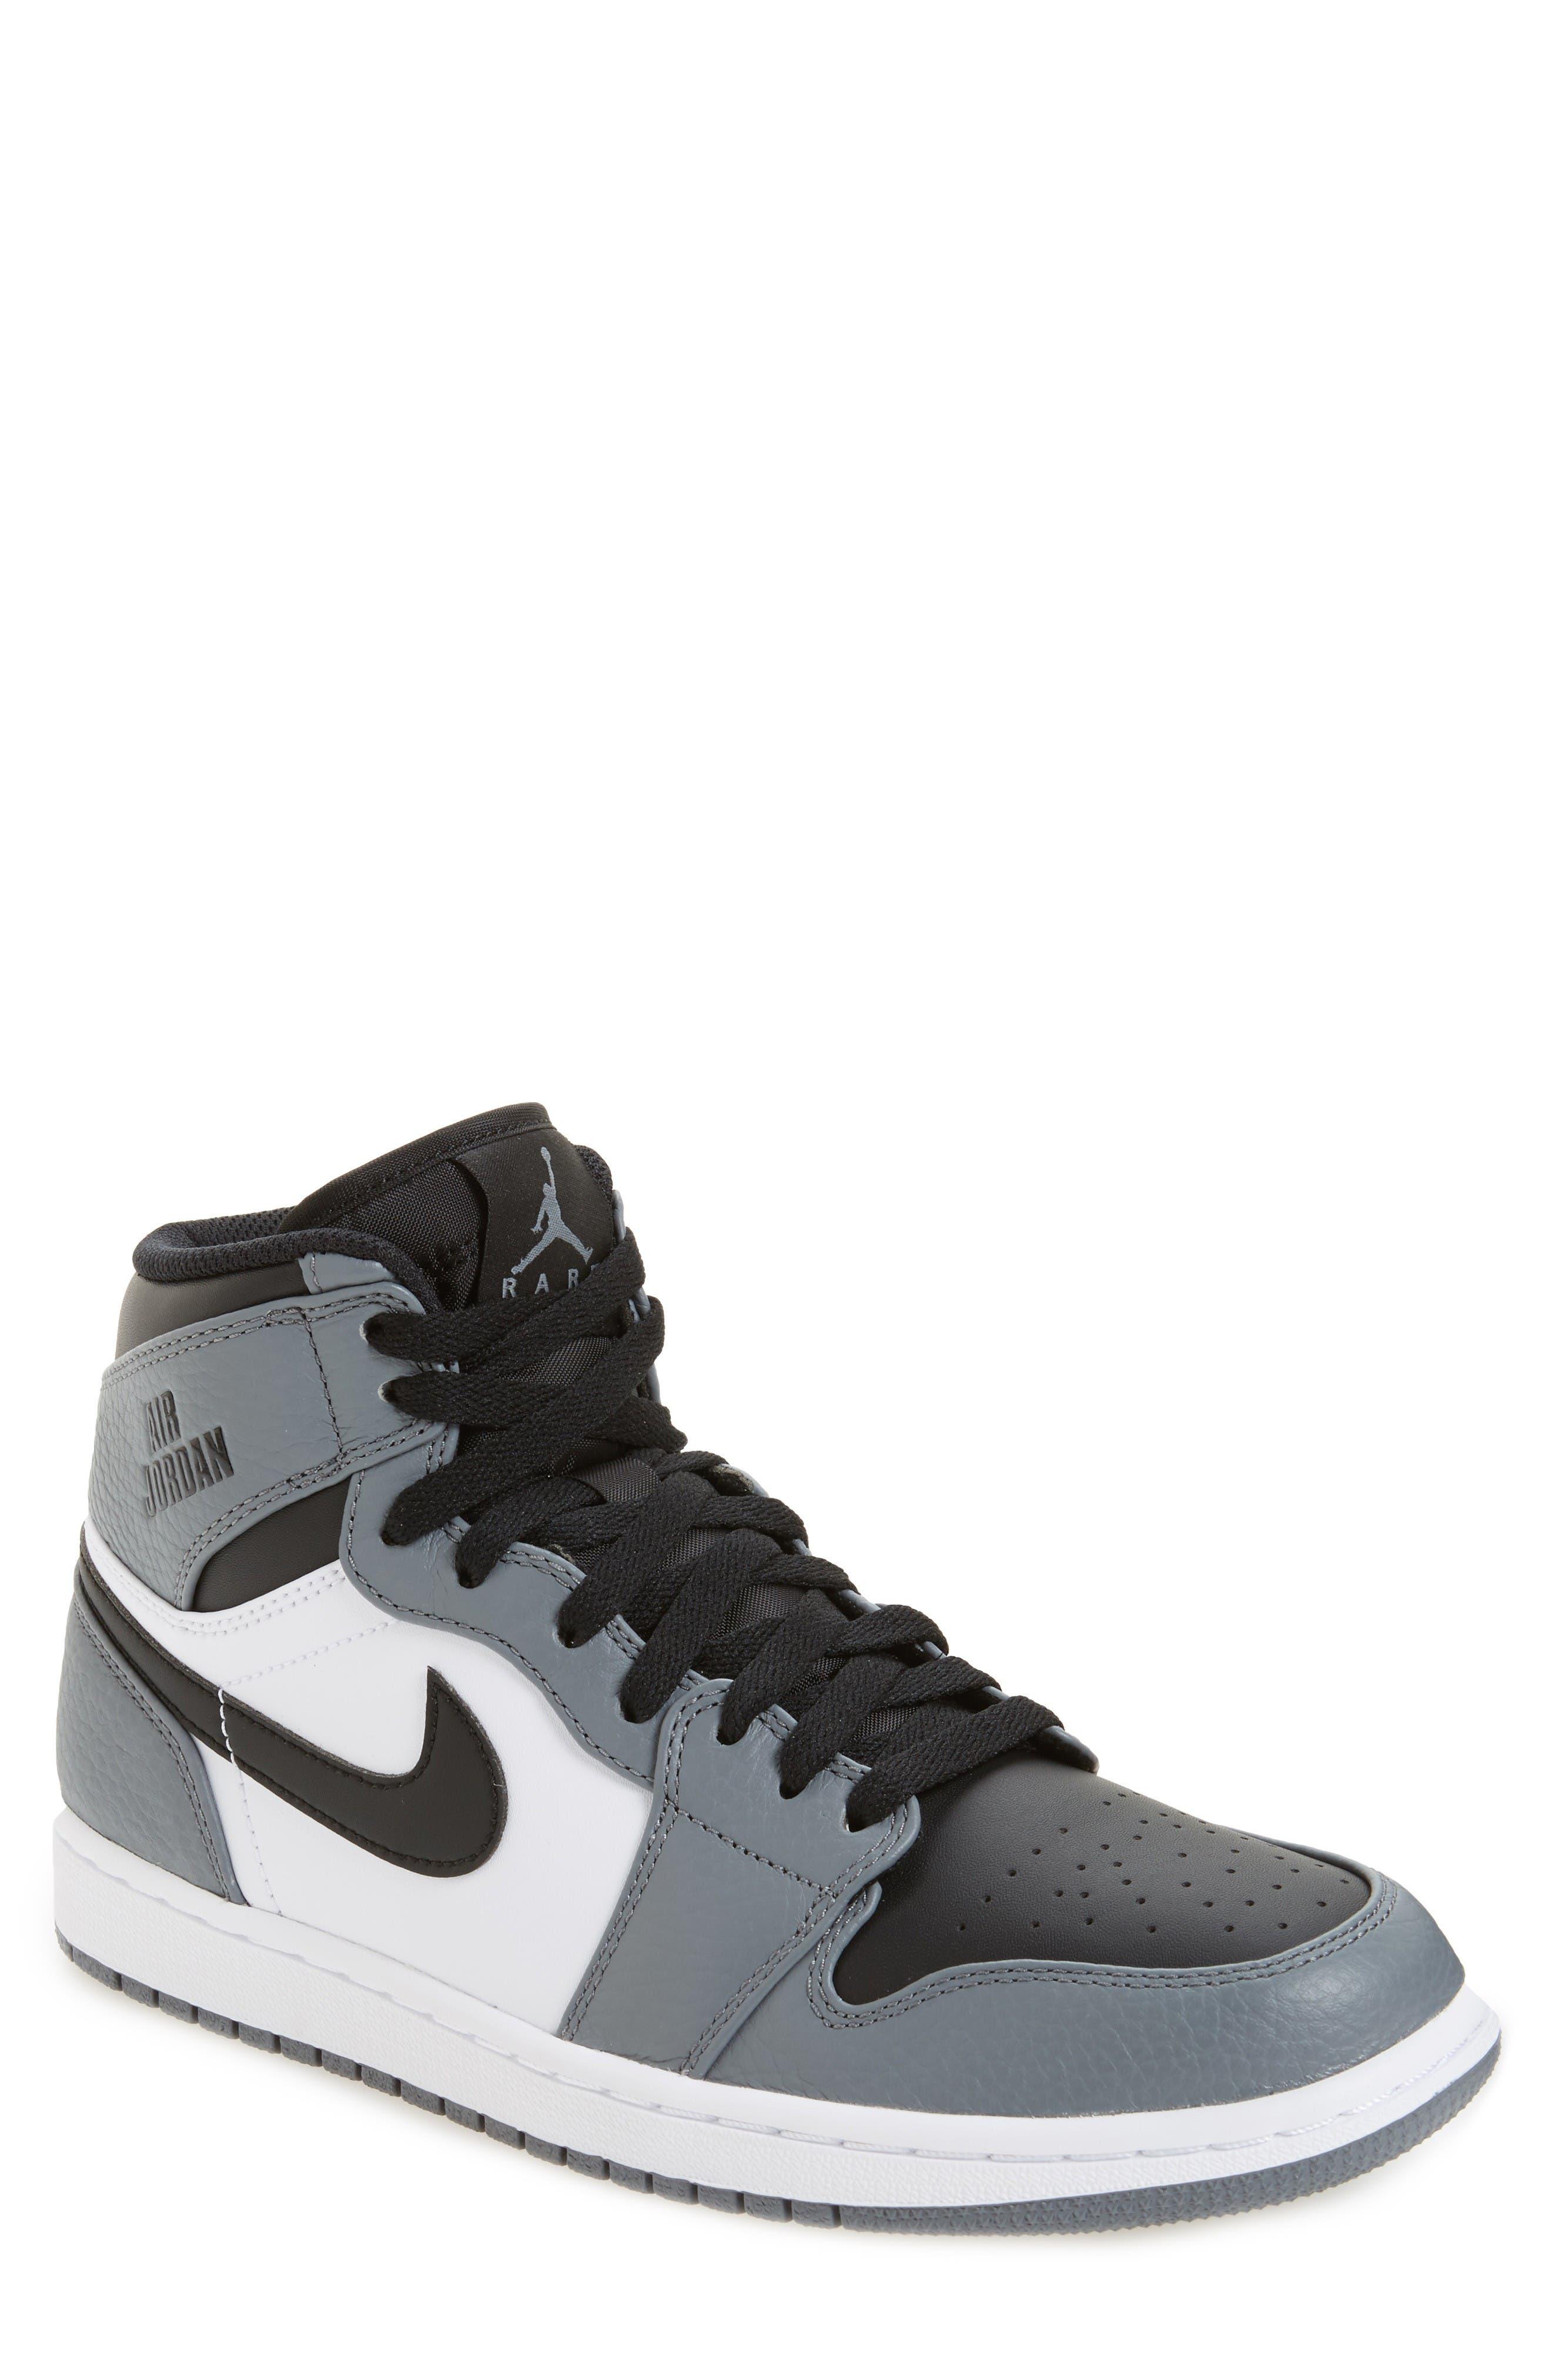 Main Image - Nike 'Air Jordan 1 Retro' High Top Sneaker (Men)